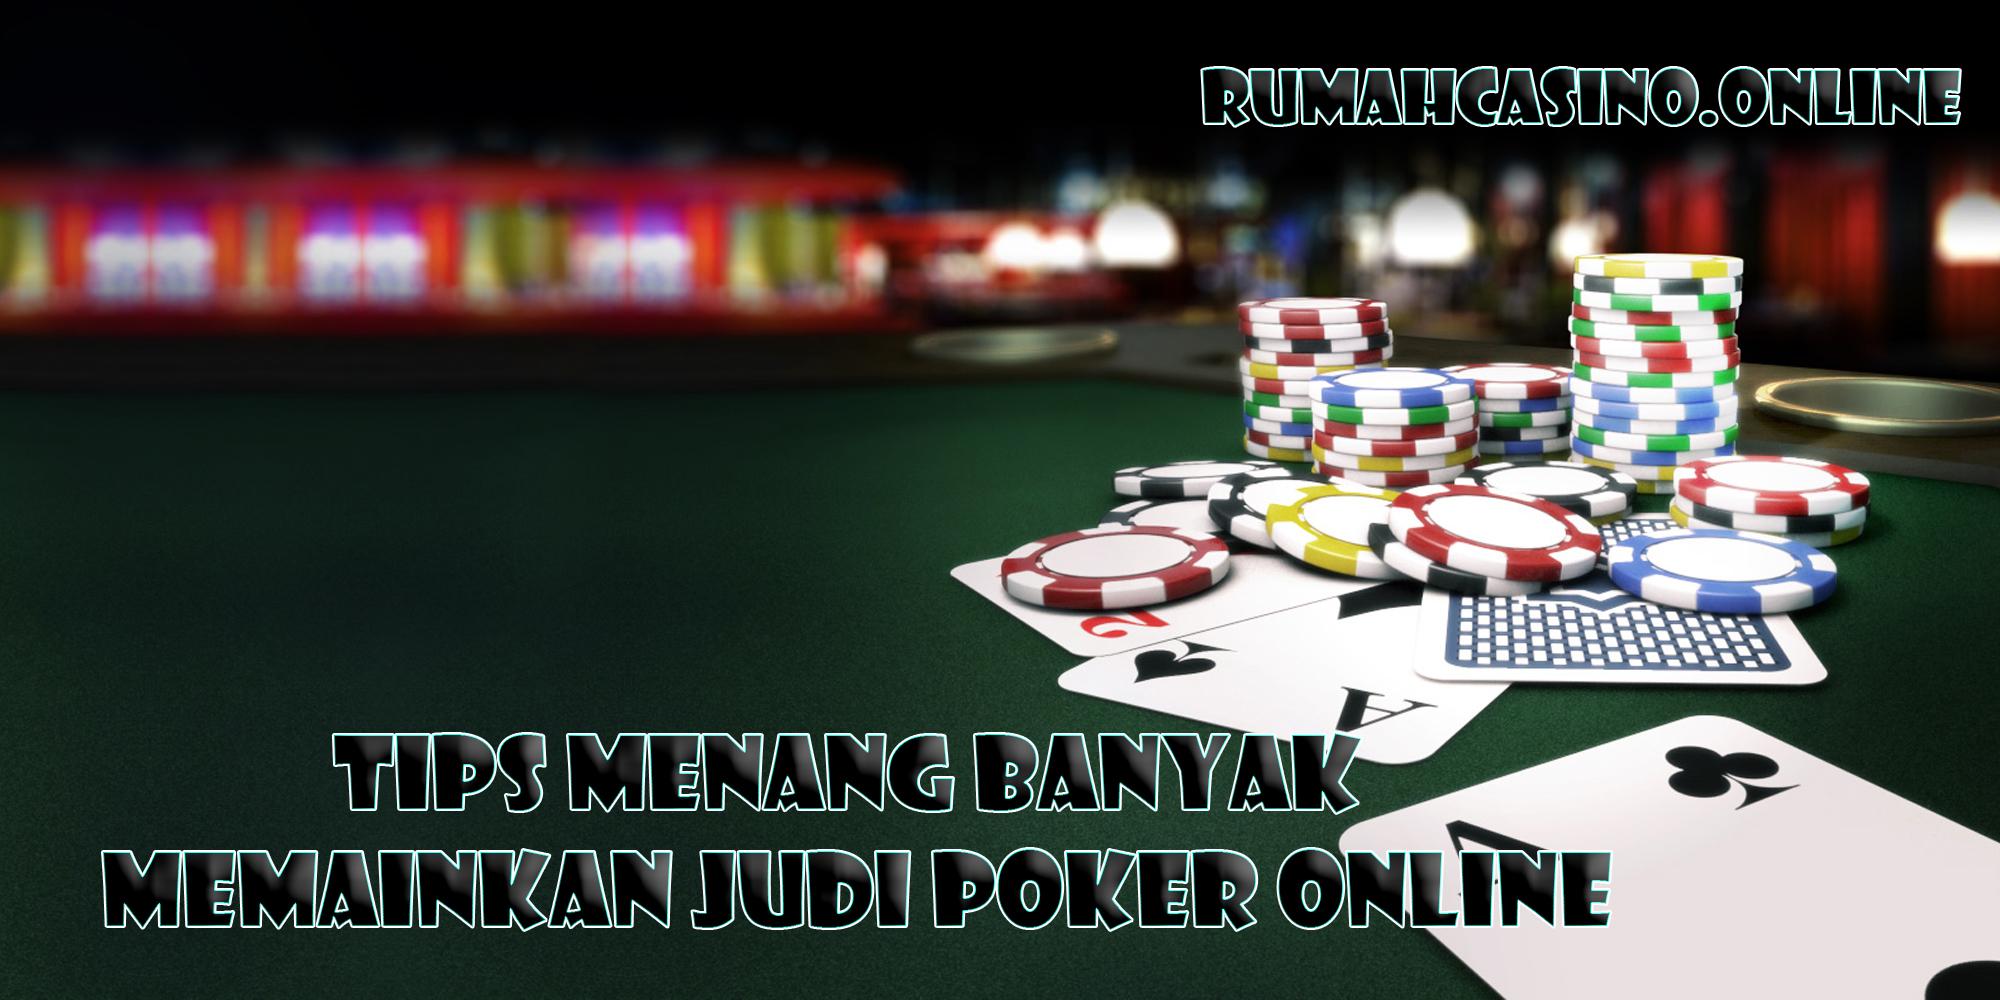 Tips Menang Banyak Memainkan Judi Poker Online